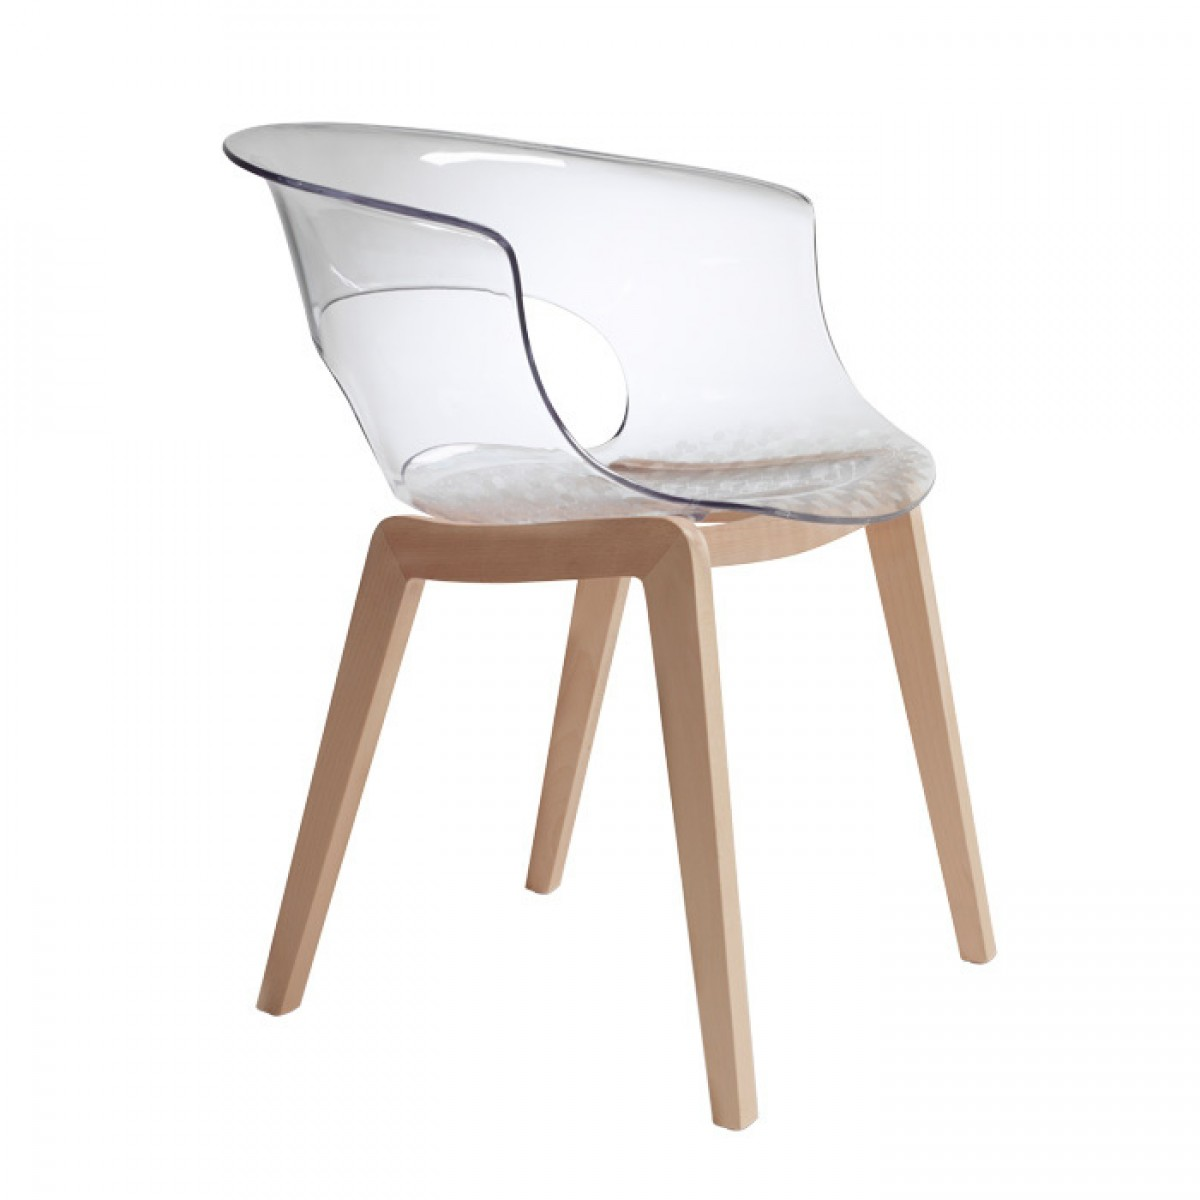 Krzesło Miss B Natural Scab Design przezroczyste